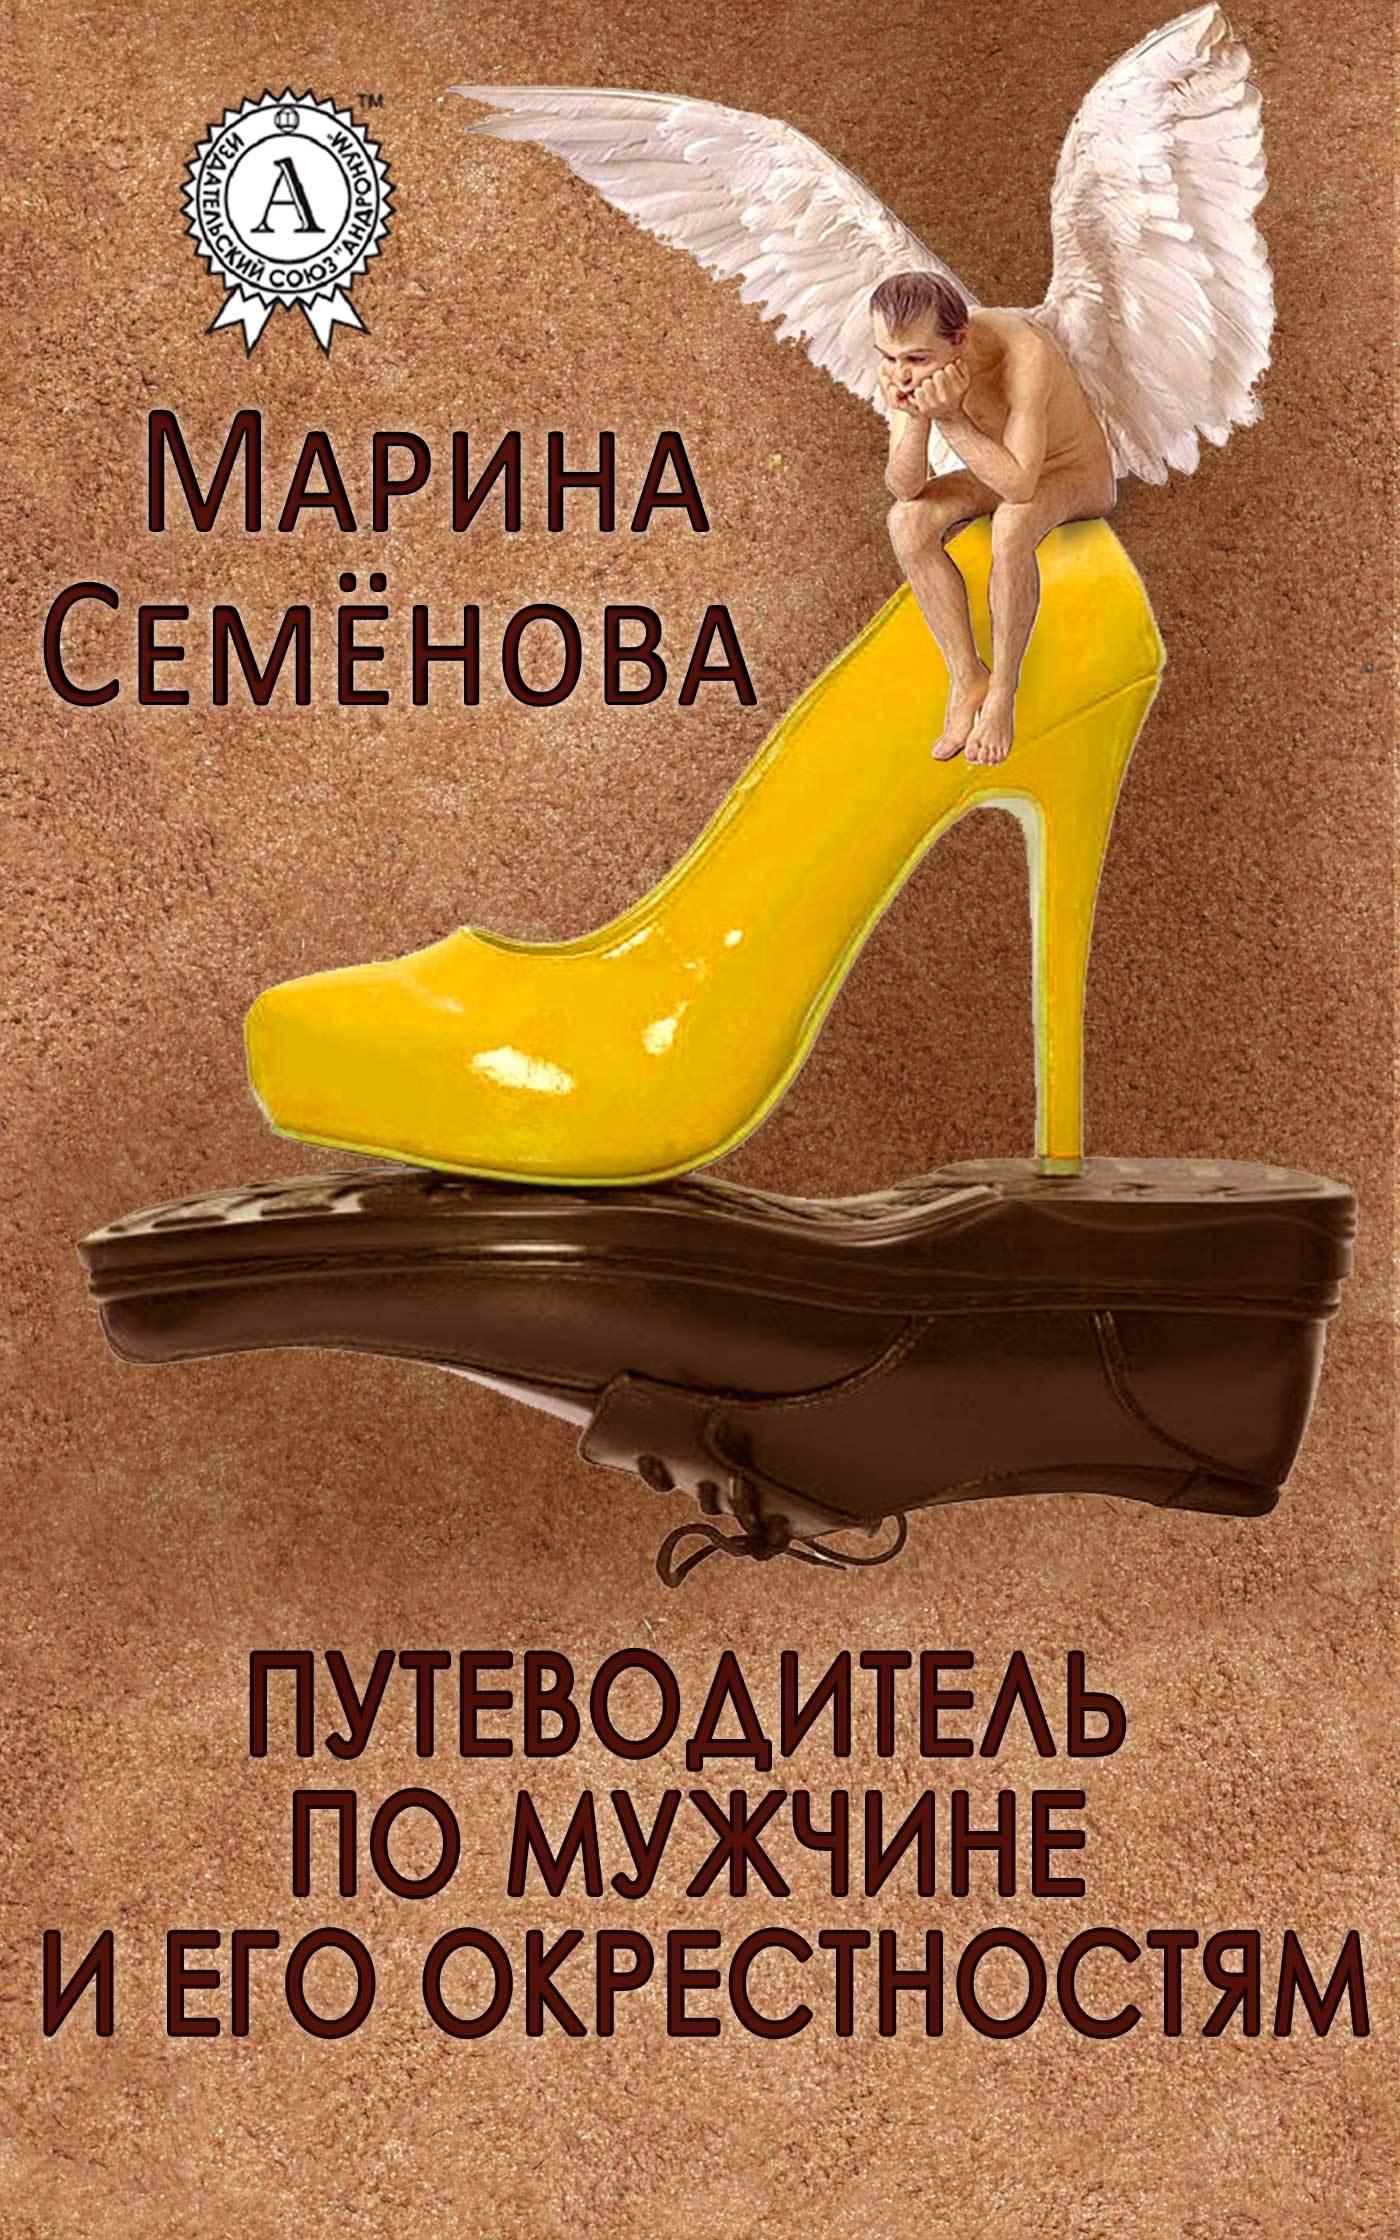 Марина Семенова «Путеводитель по мужчине и его окрестностям»